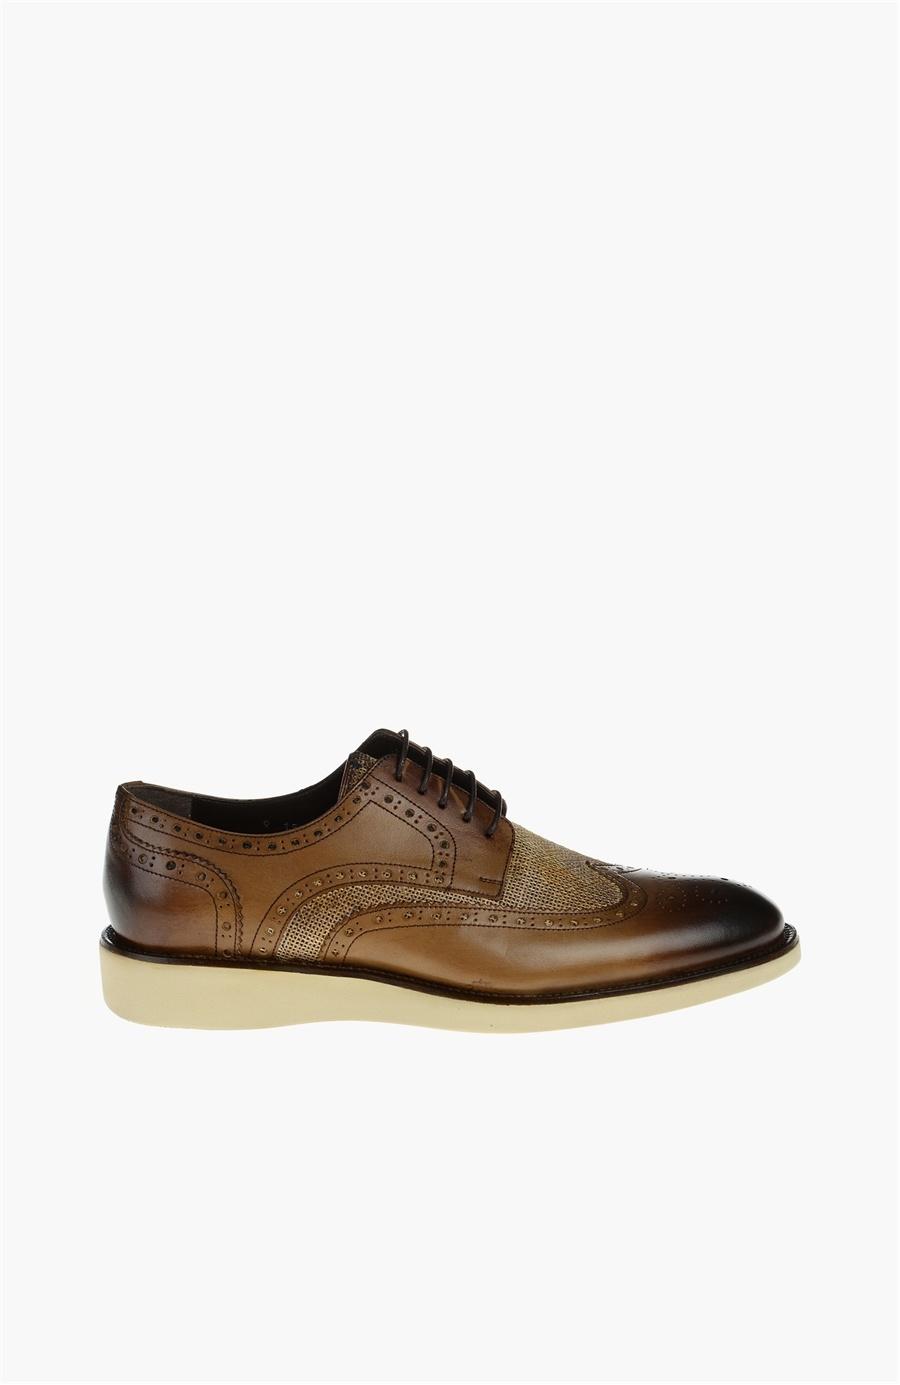 Açık Kahverengi Deri Ayakkabı - Renk Acik Kahverengi - Network